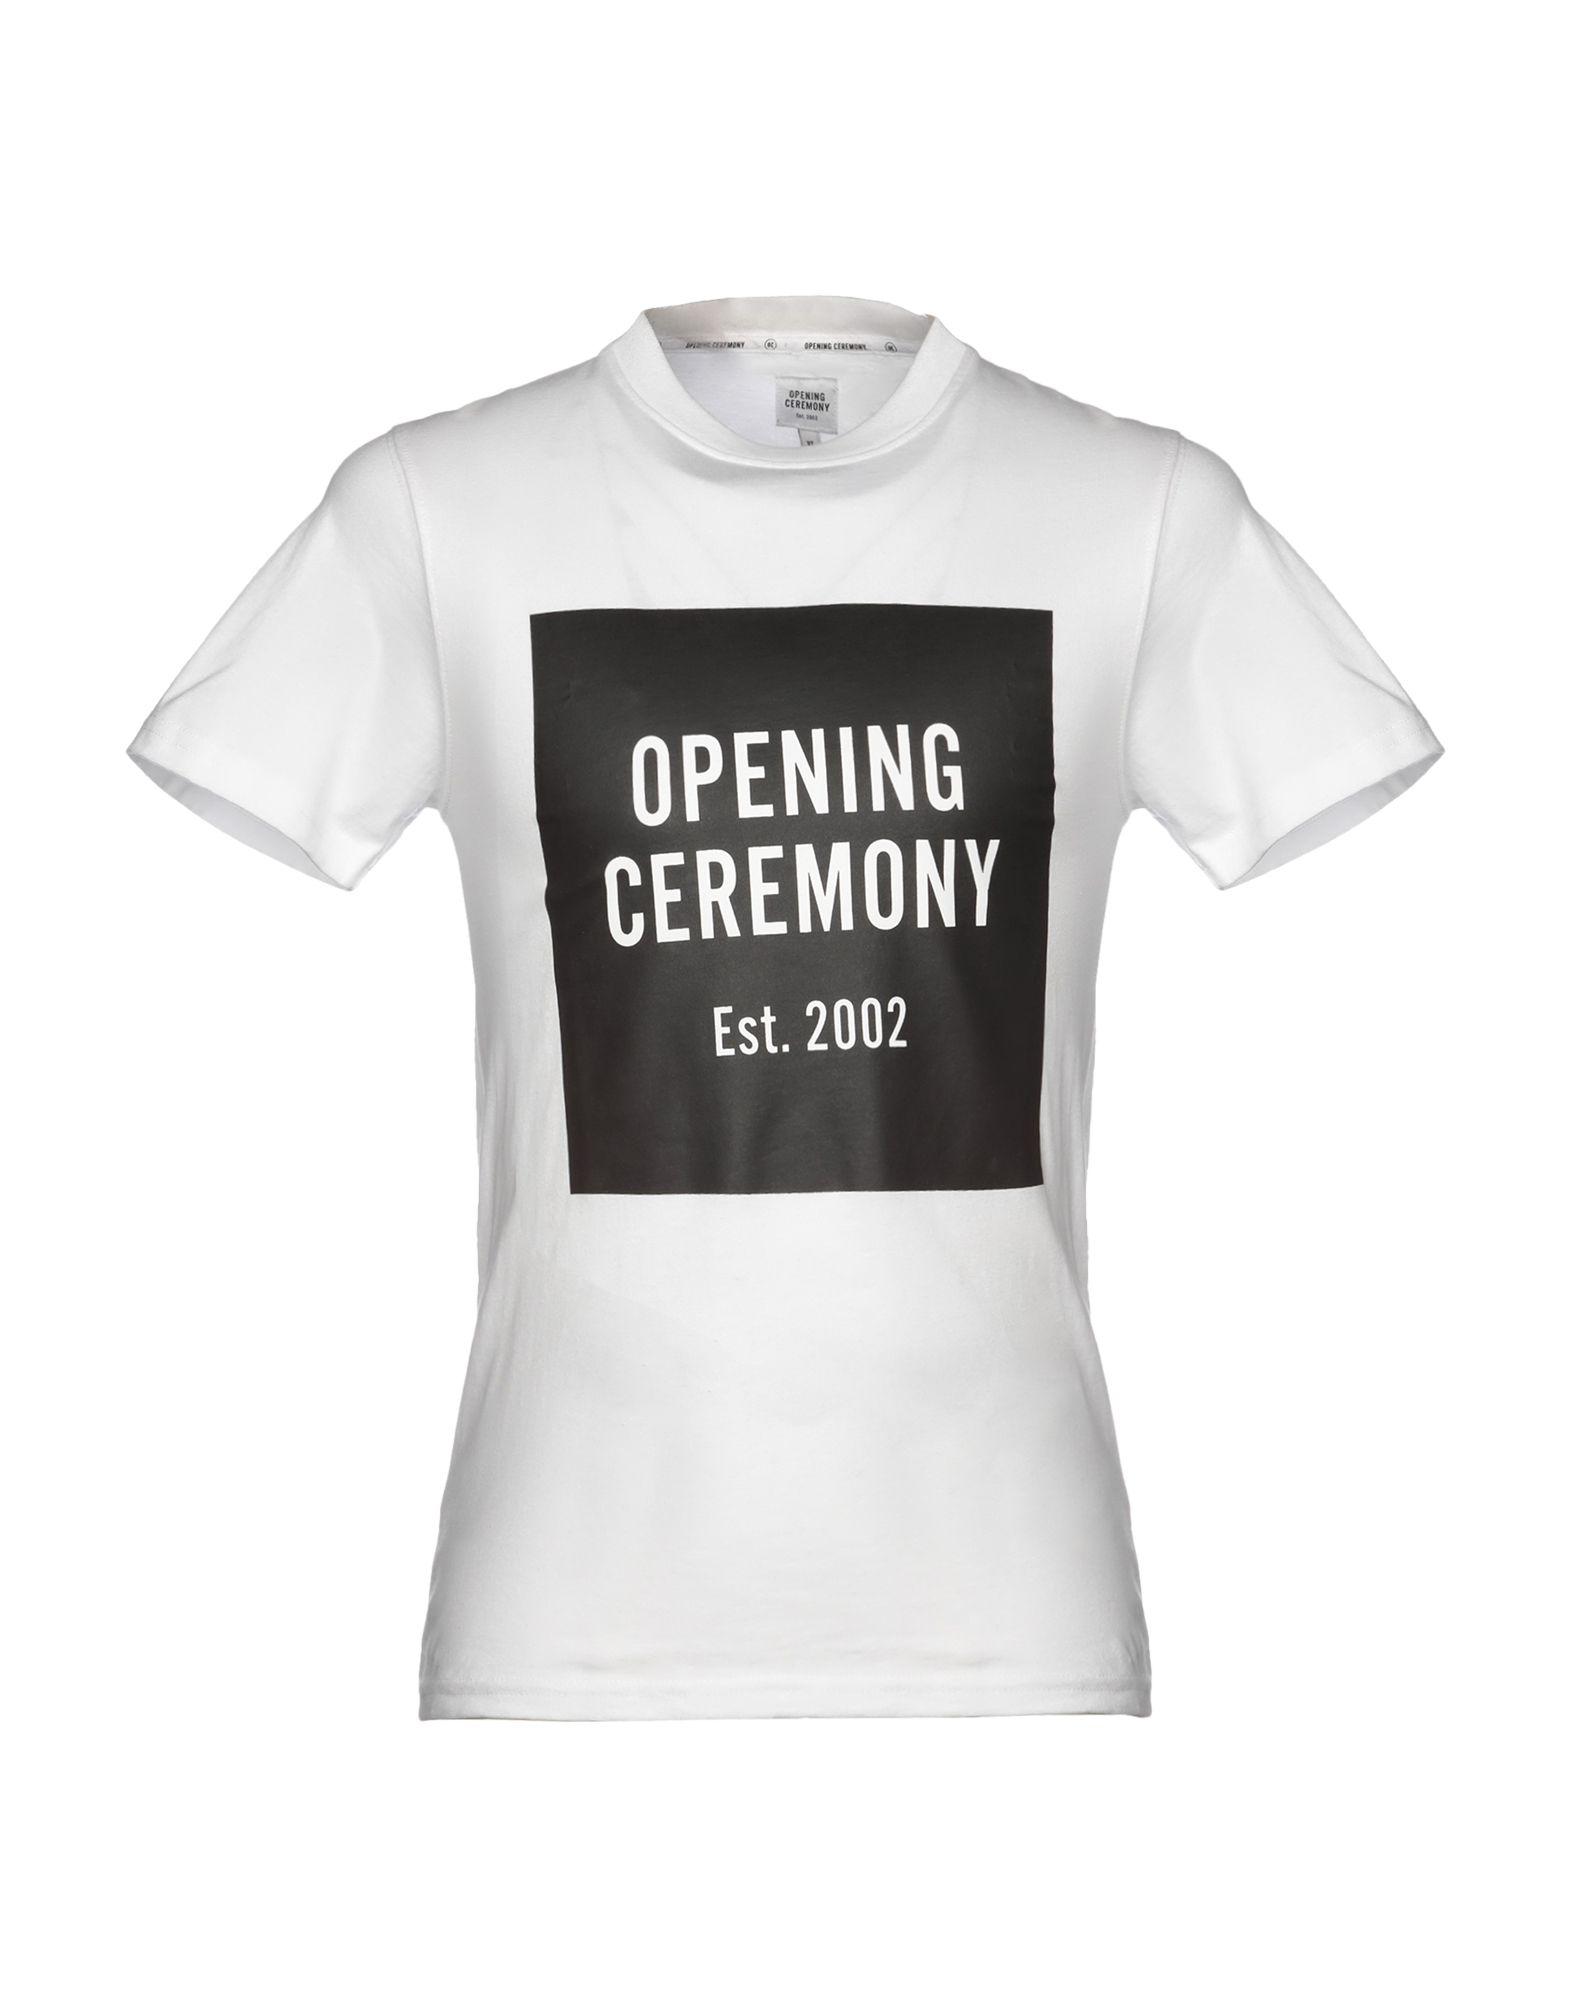 Фото - OPENING CEREMONY Футболка chloe sevigny for opening ceremony футболка